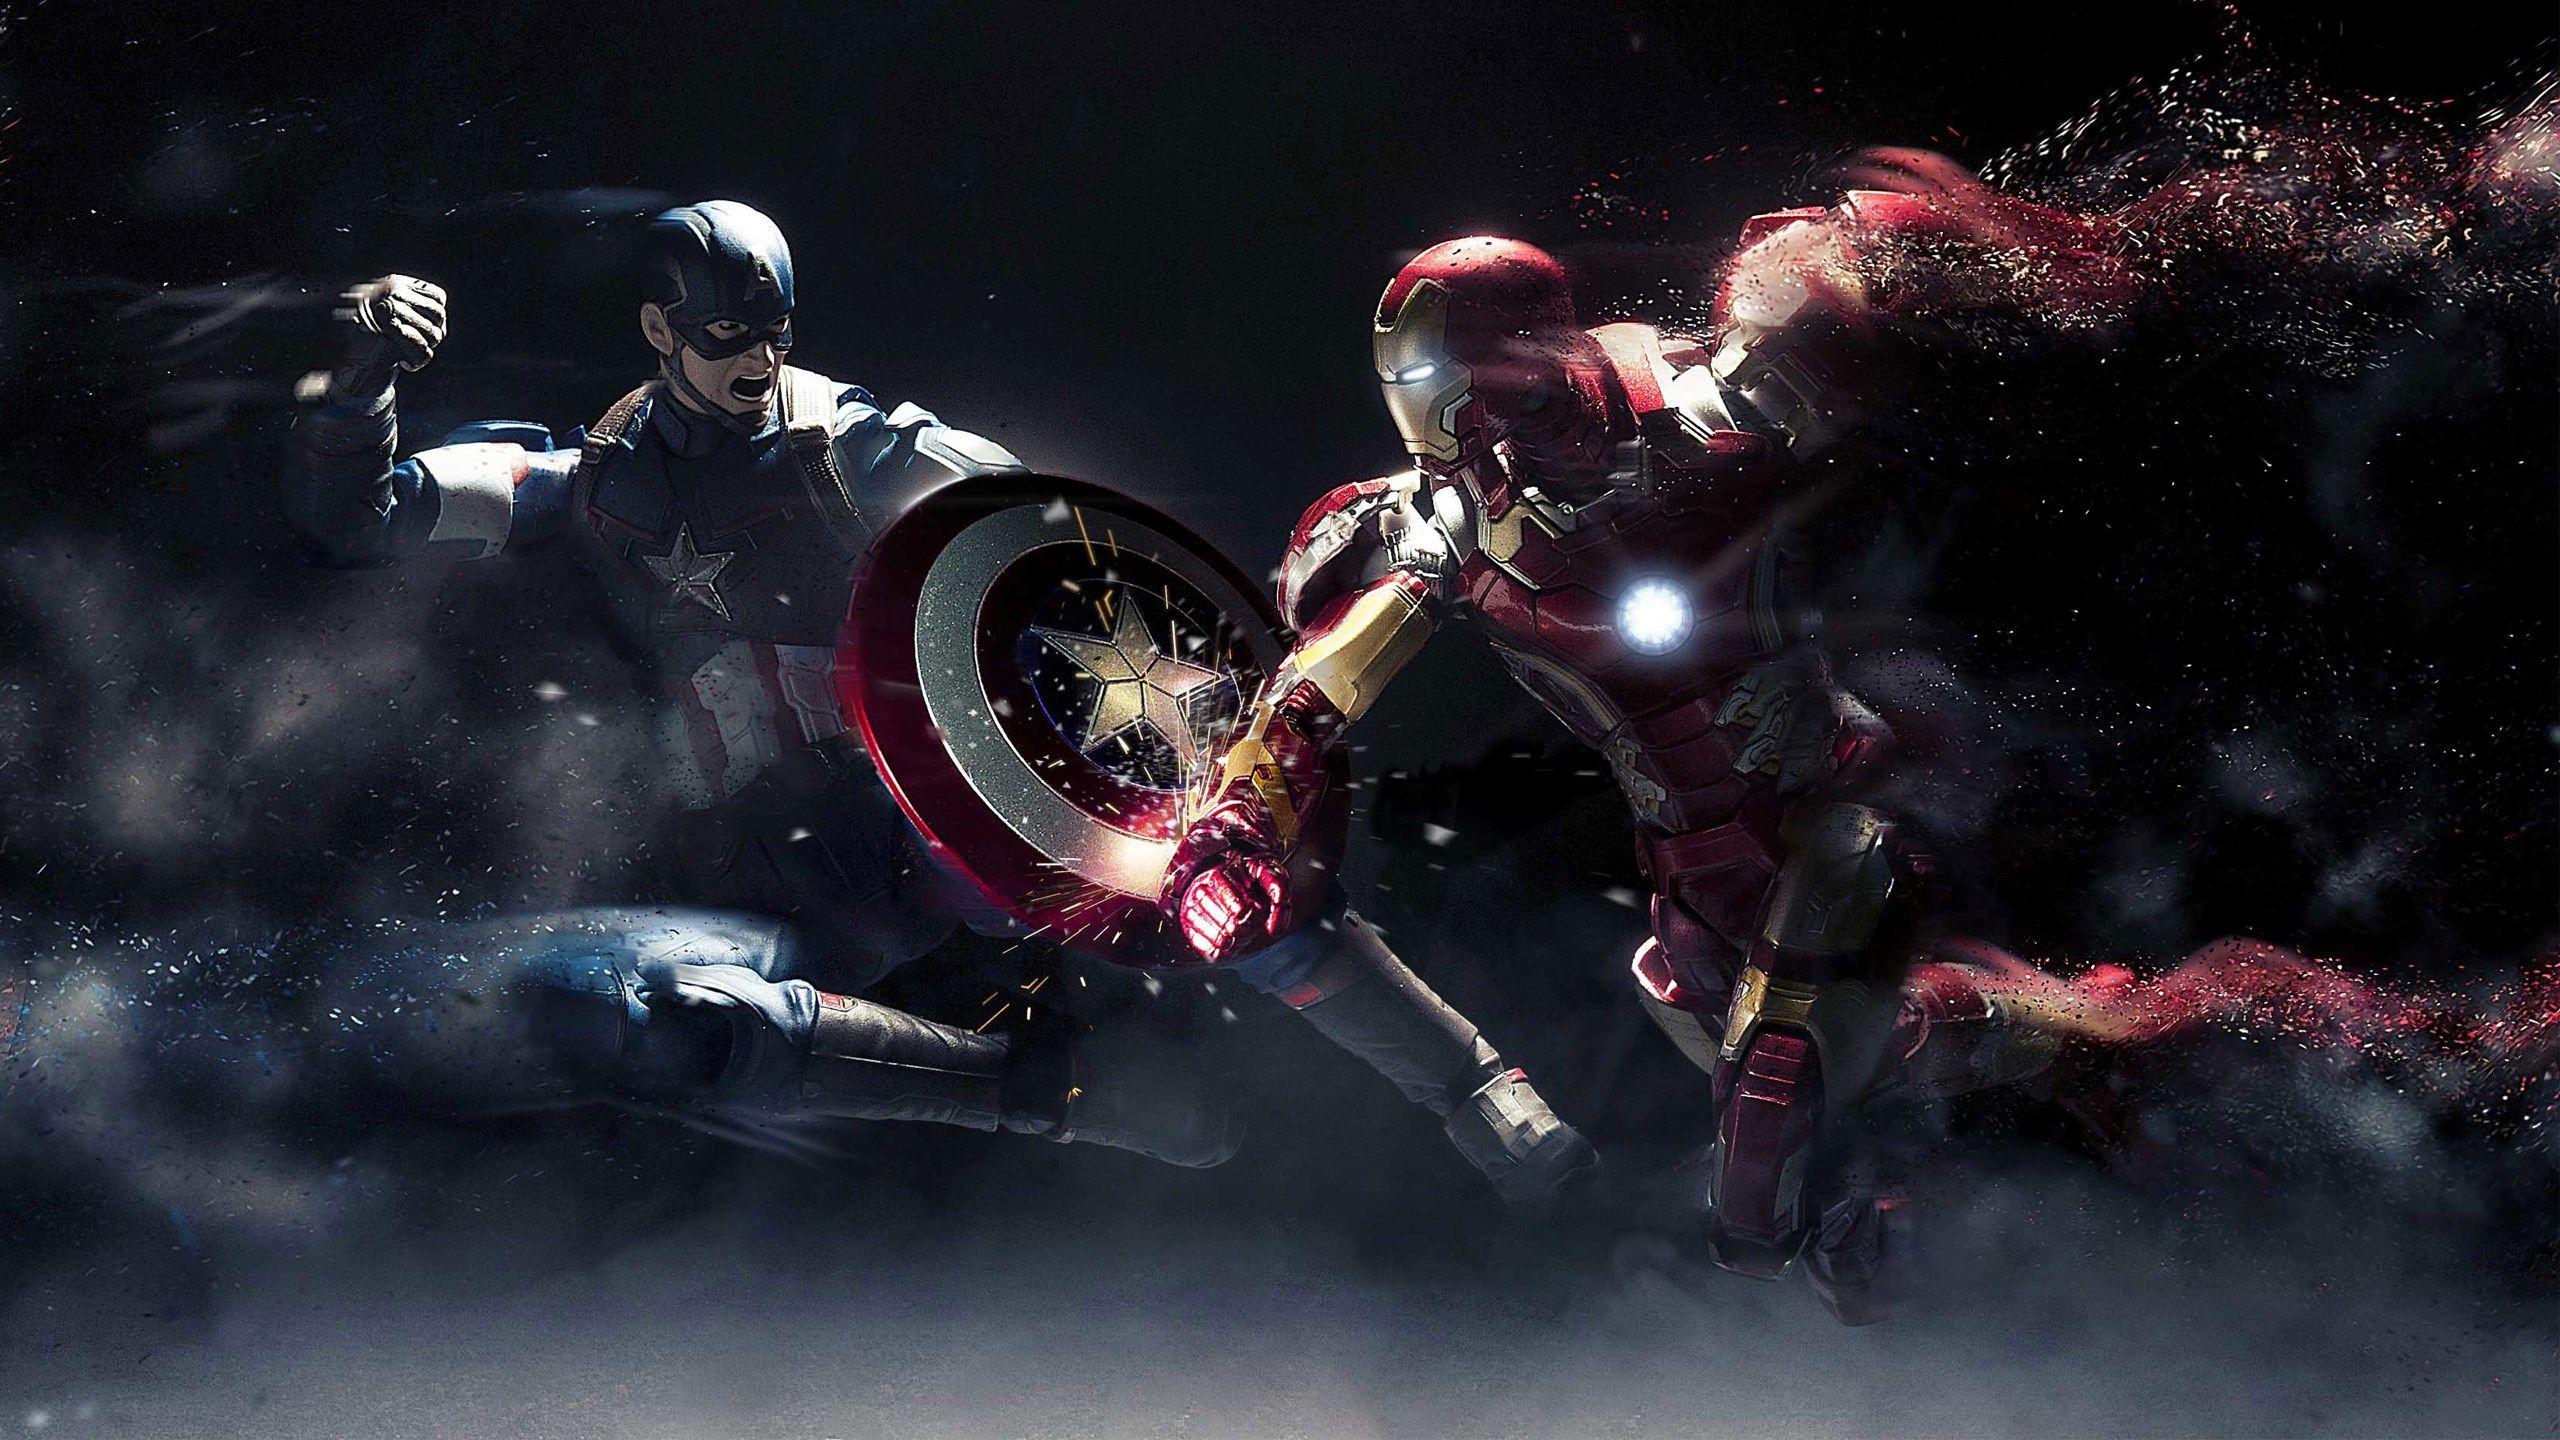 2560x1440 Free Desktop Backgrounds For Captain America Civil War Wallpaper Iphone Seni Gambar Lucu